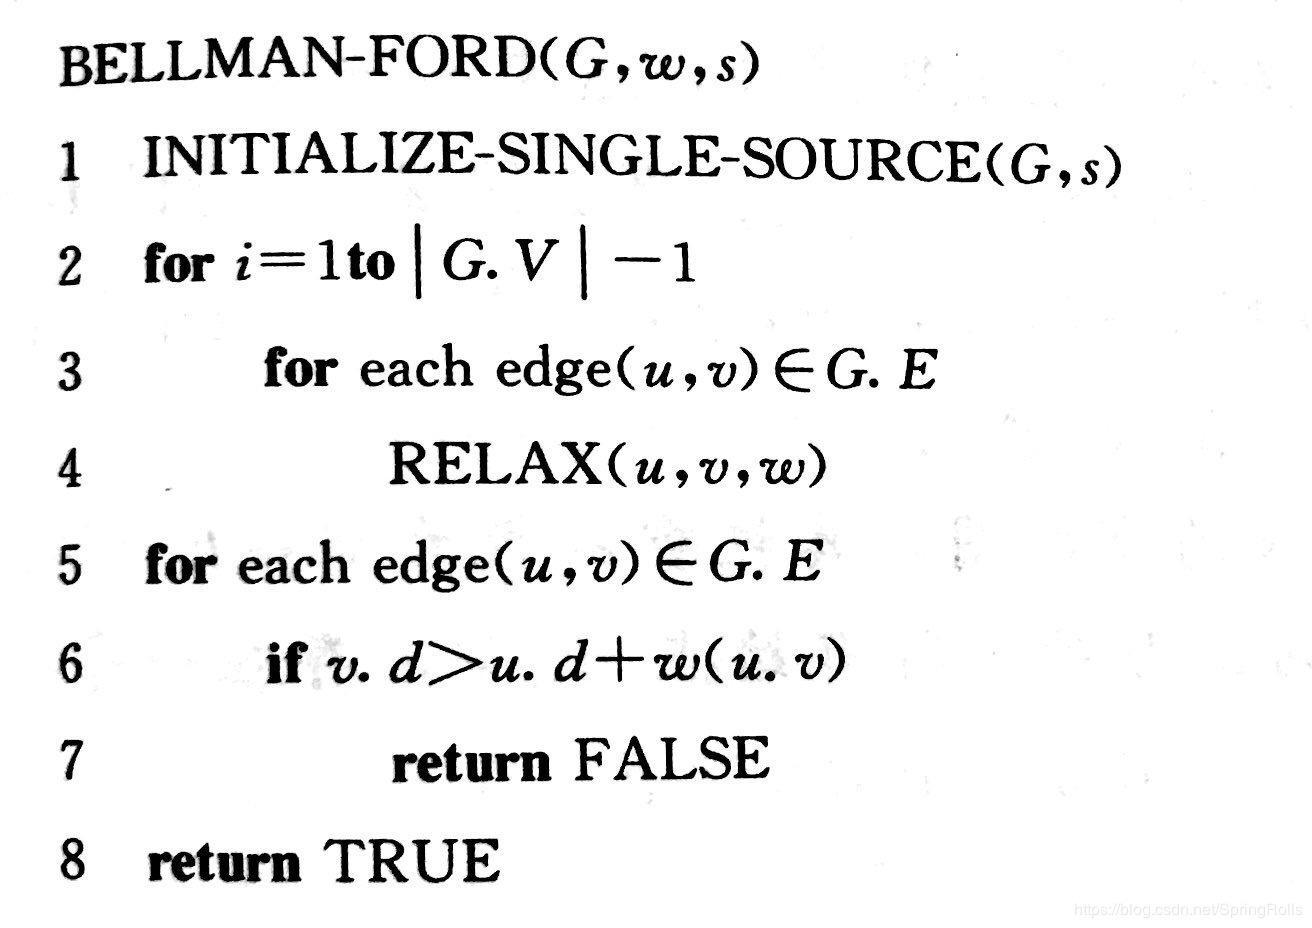 خوارزمية بلمان-فورد - المبرمج العربي